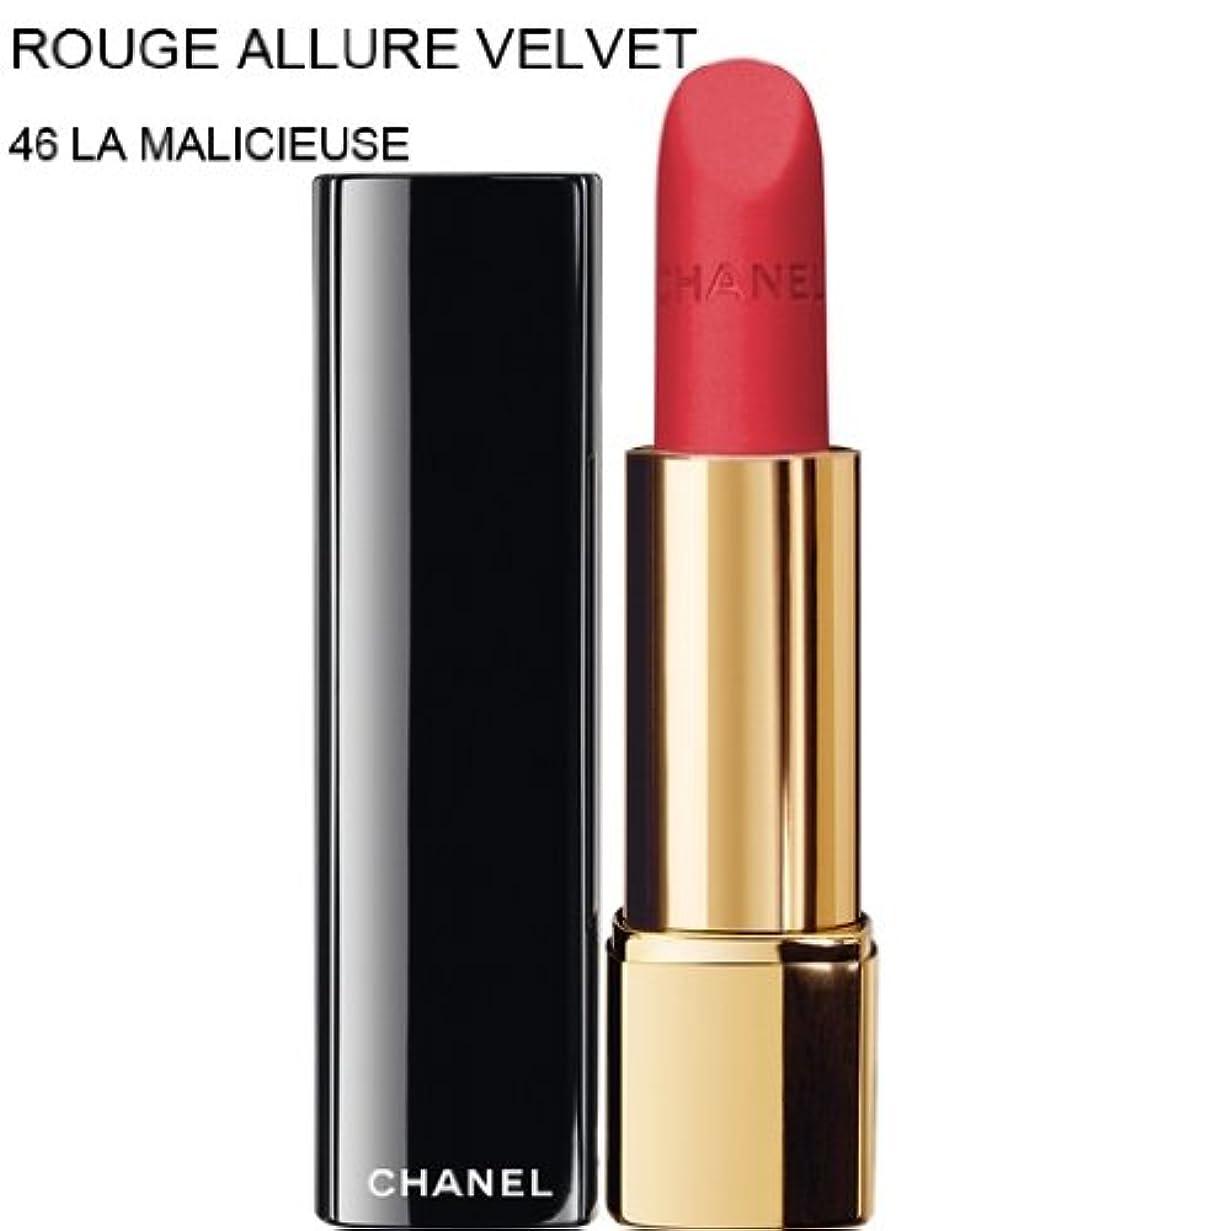 確かに買収回路CHANEL-Lipstick ROUGE ALLURE VELVET (46 LA MALICIEUSE)